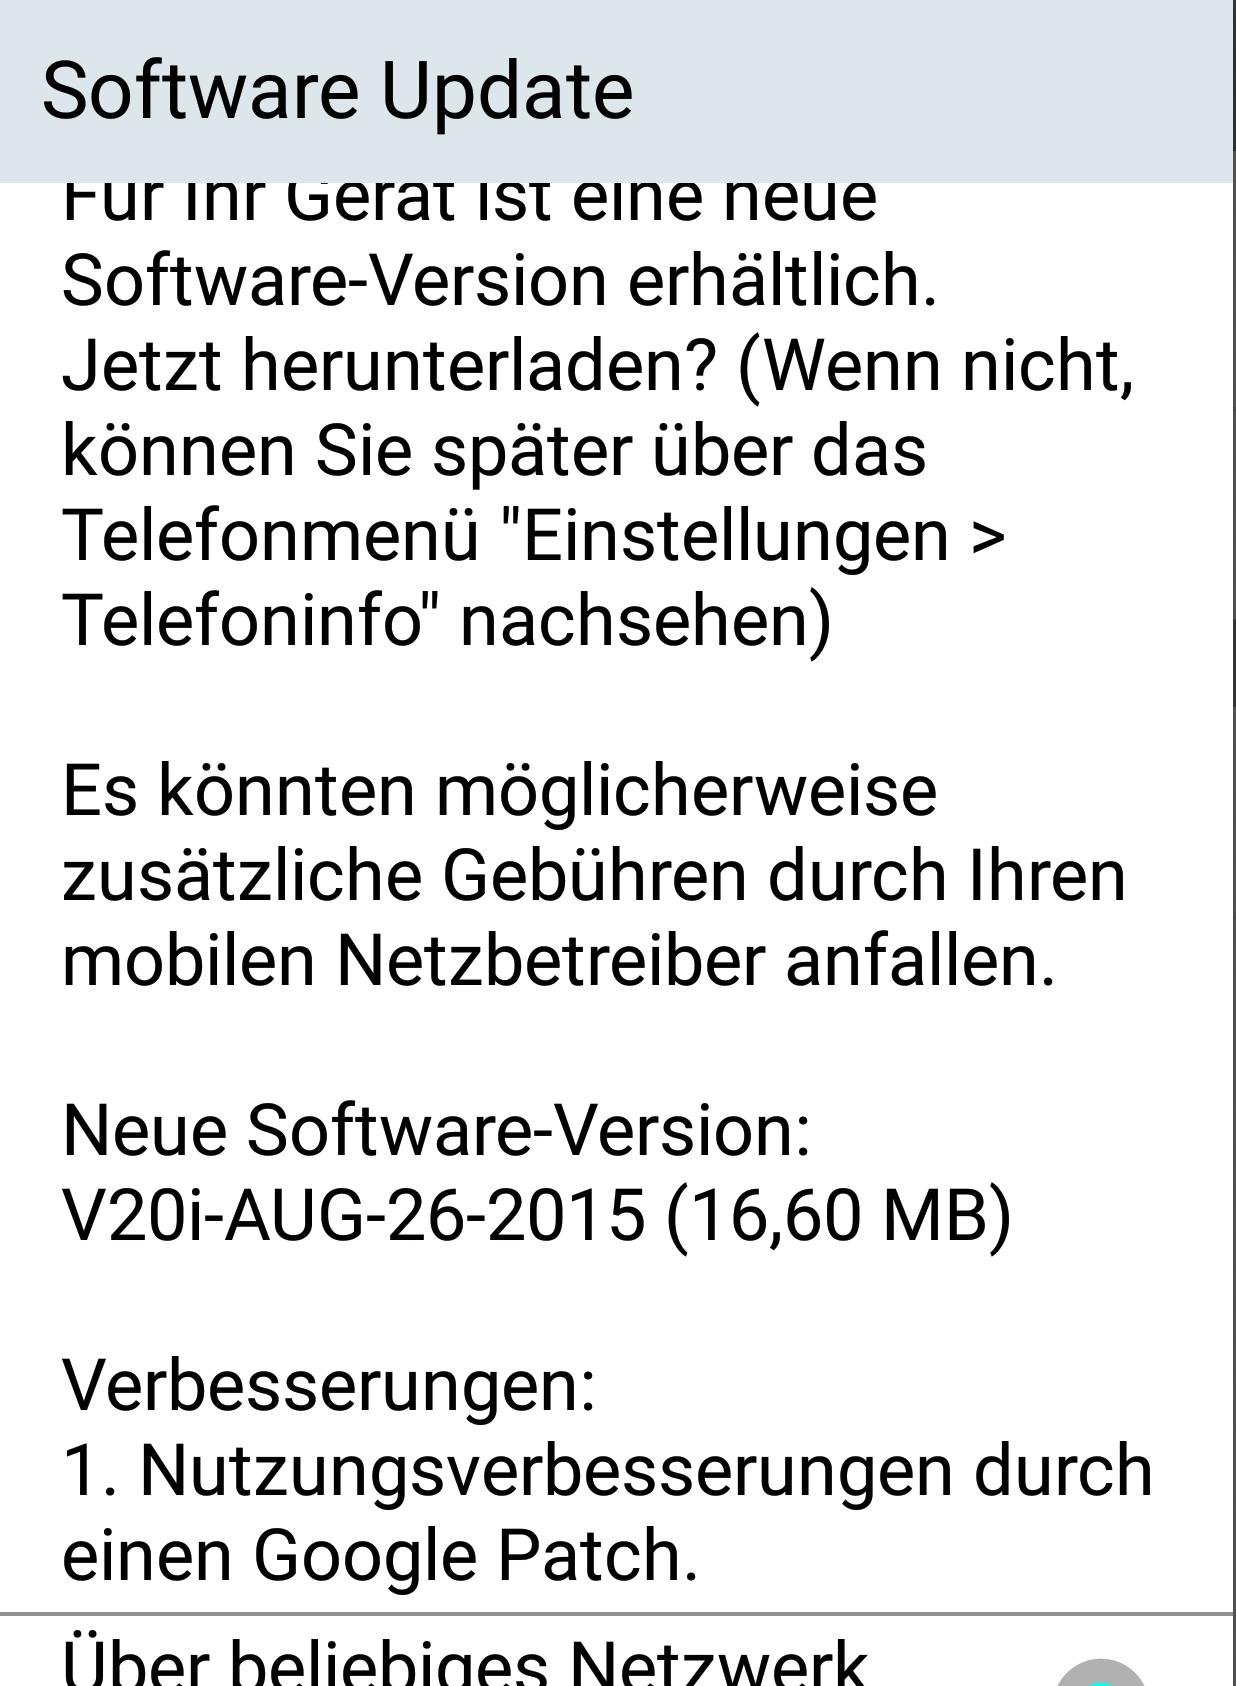 LG G3 mit Telekom-Branding erhält Update auf Version V20i